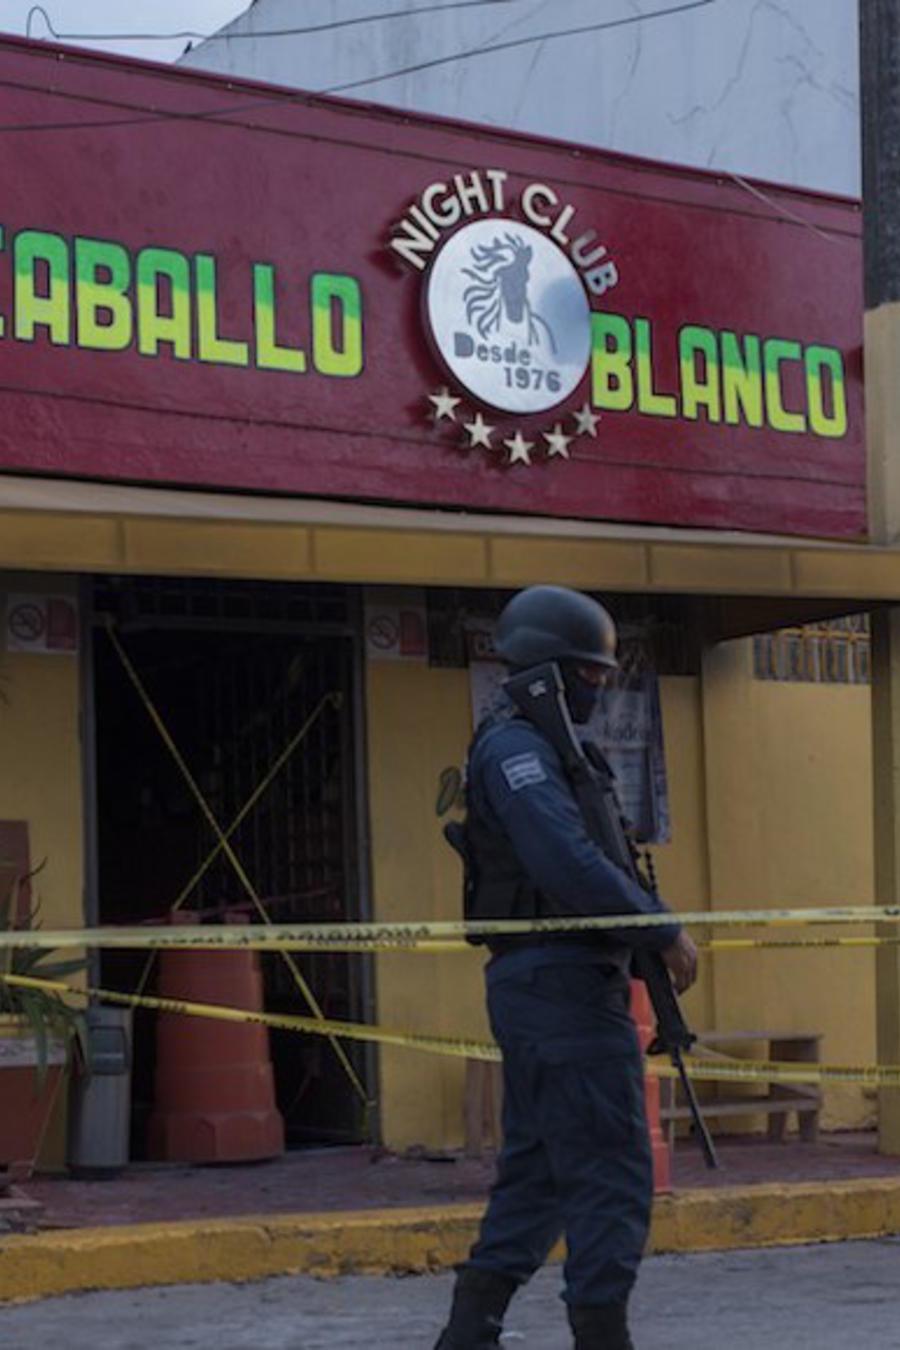 Bar Caballo Blanco en Coatzacoalcos, Veracruz